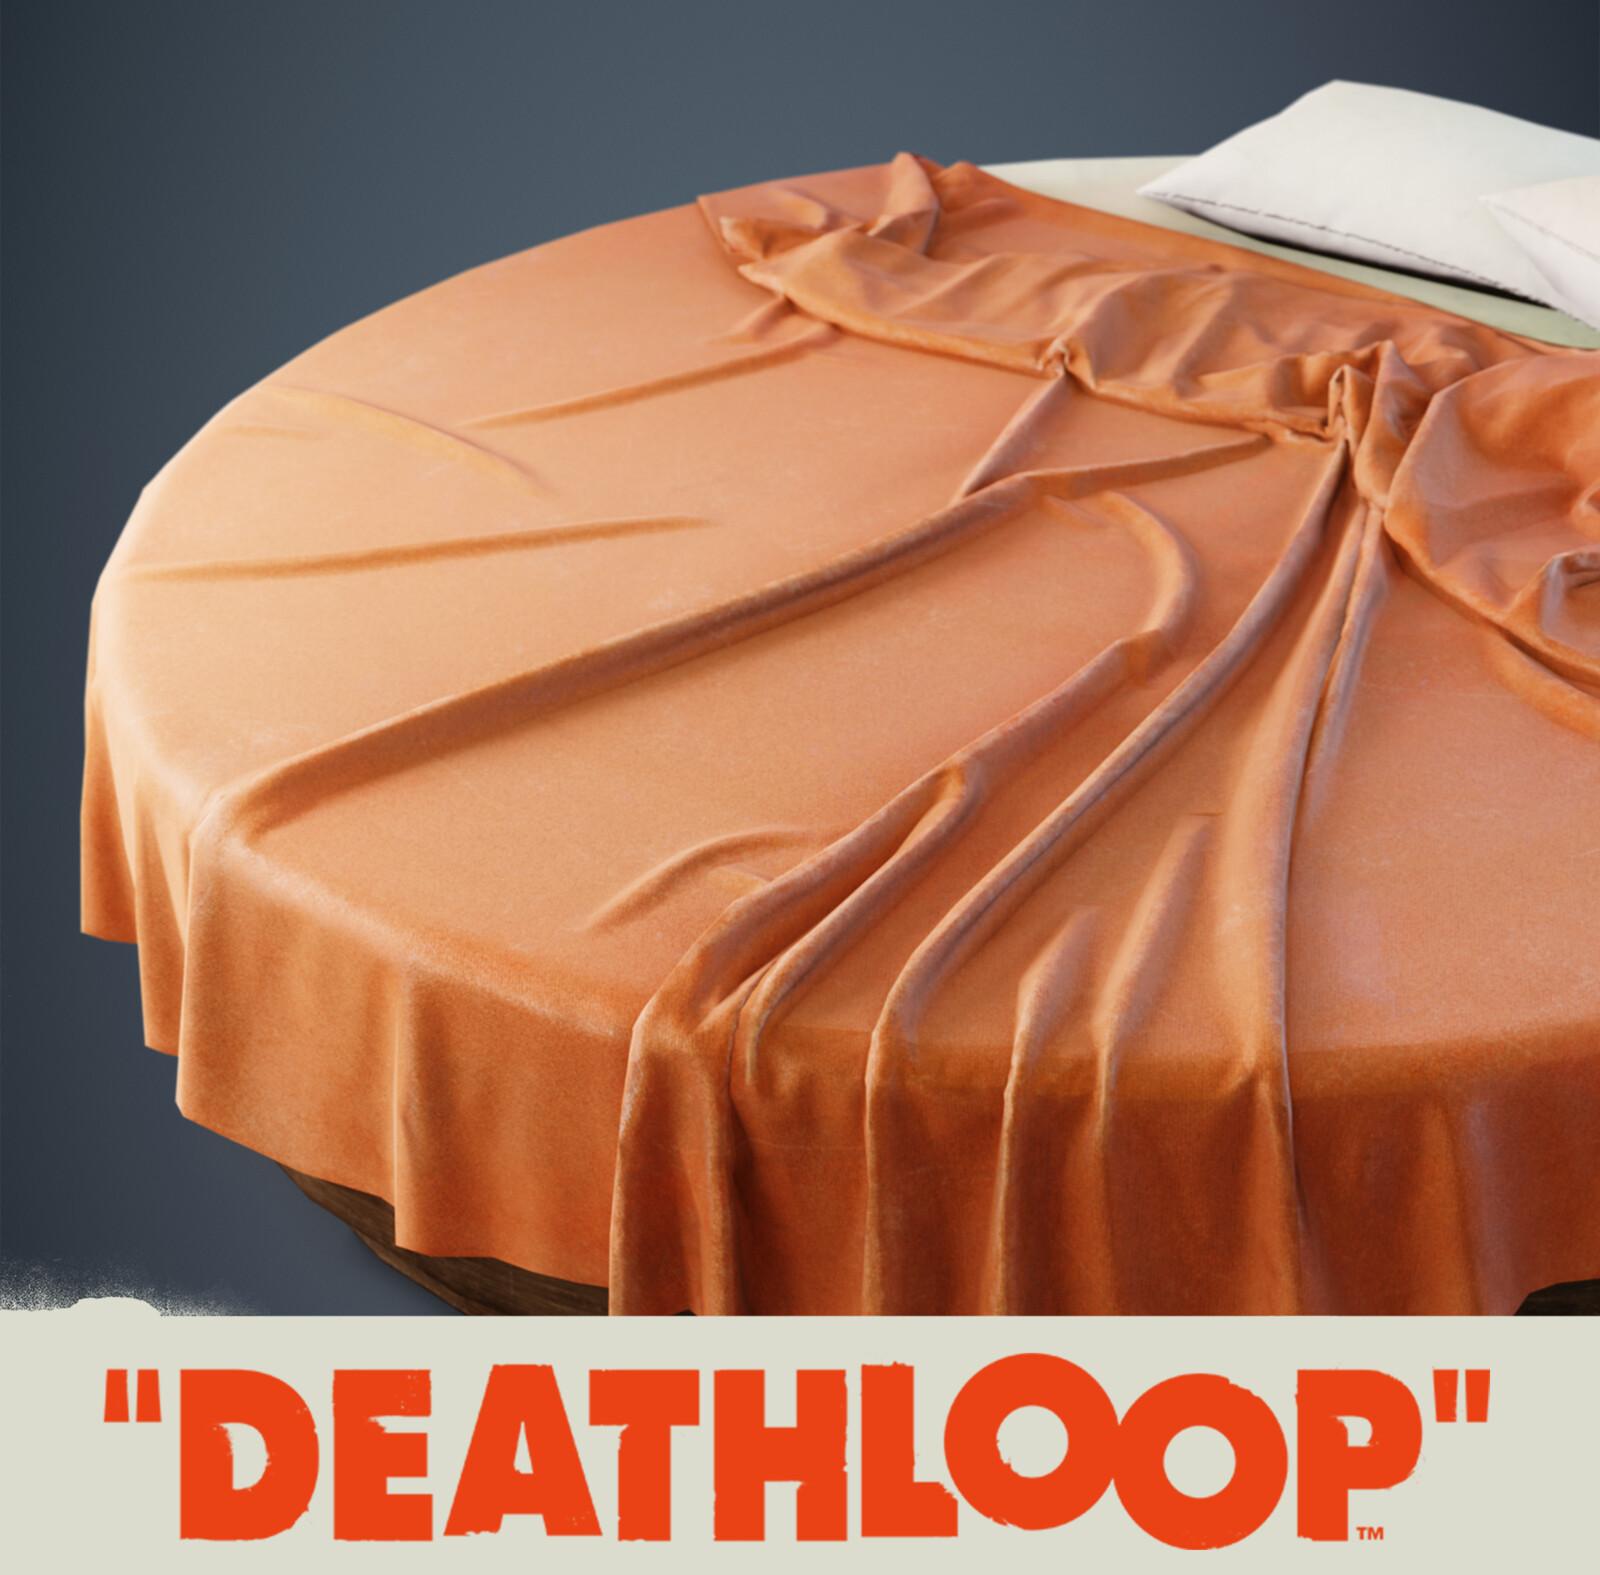 Round Bed: Deathloop Prop